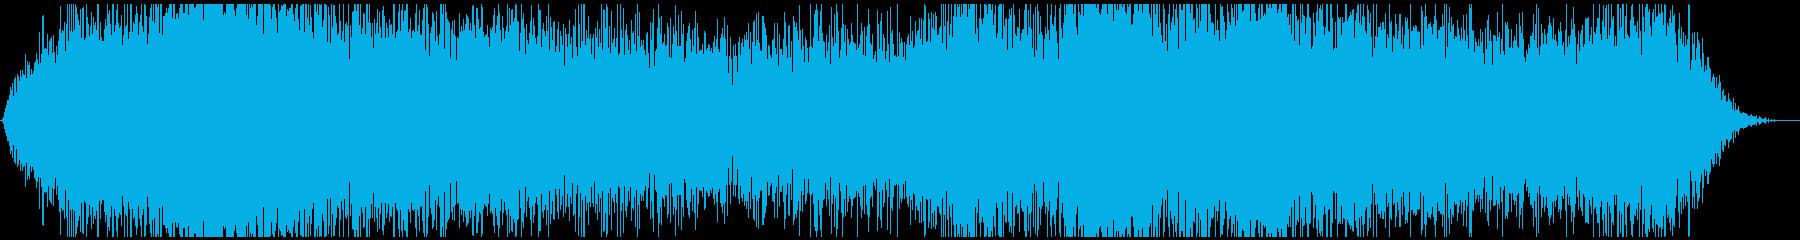 ドローン バブリング01の再生済みの波形